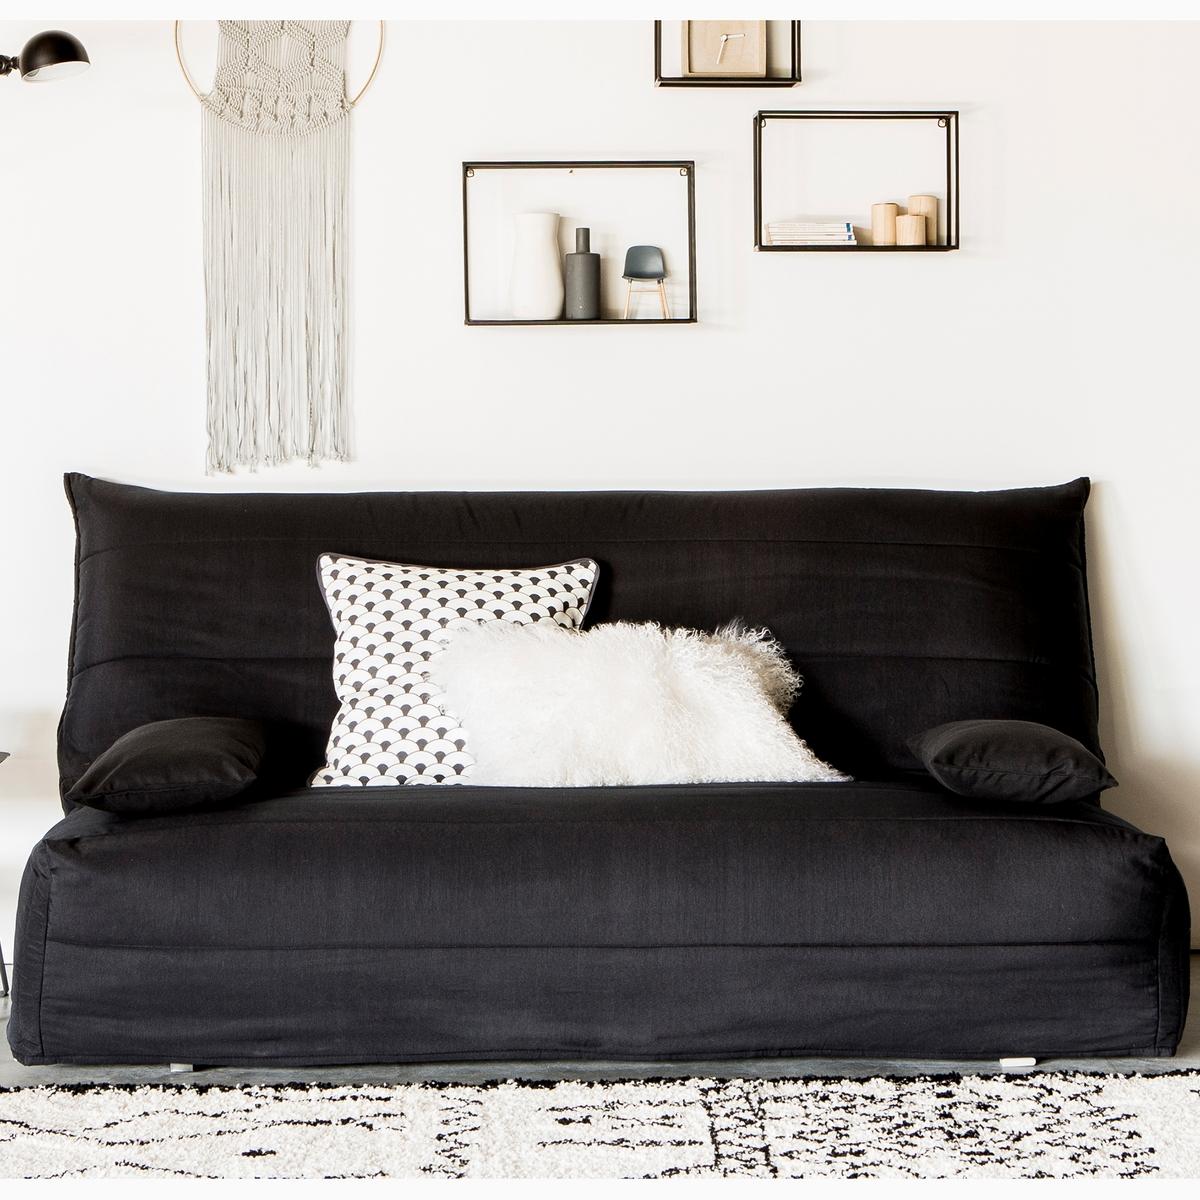 Чехол из полихлопка для диванаЧехол из полихлопка для дивана   . Чехол качества VALEUR SURE из ткани 70% хлопка, 30% полиэстера  . Наполнитель 100% полиэстера, 150 г/м? .Характеристики чехла для дивана  :- Хорошо облегает, покрывает целиком диван (частично спинку дивана)   Эластичные края. - Прострочка в виде линии  .- Стирка при 40°С.Размеры чехла для дивана  :- ширина 140 см, или 160 см  .<br><br>Цвет: гранатовый,серый жемчужный,сине-зеленый,синий индиго,темно-серый,черный,экрю<br>Размер: 160 cm.140 cm.140 cm